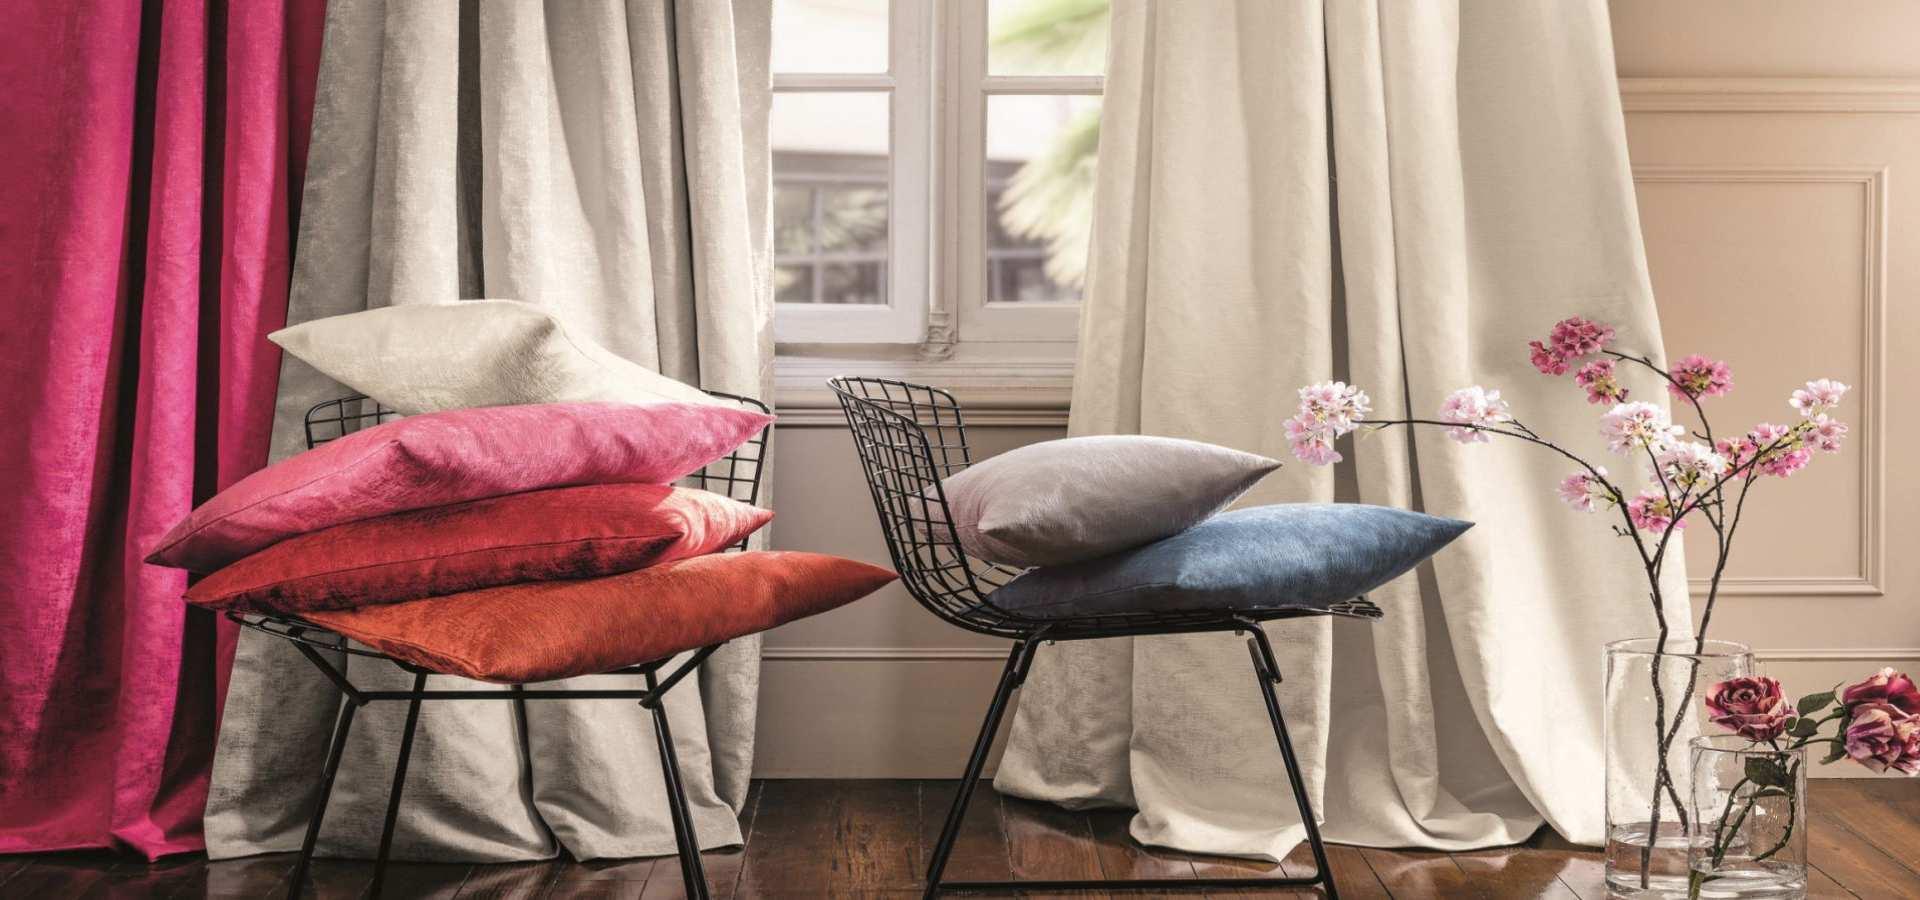 Bild Wohnzimmer klassisch Gardine und Kissen in Leinen